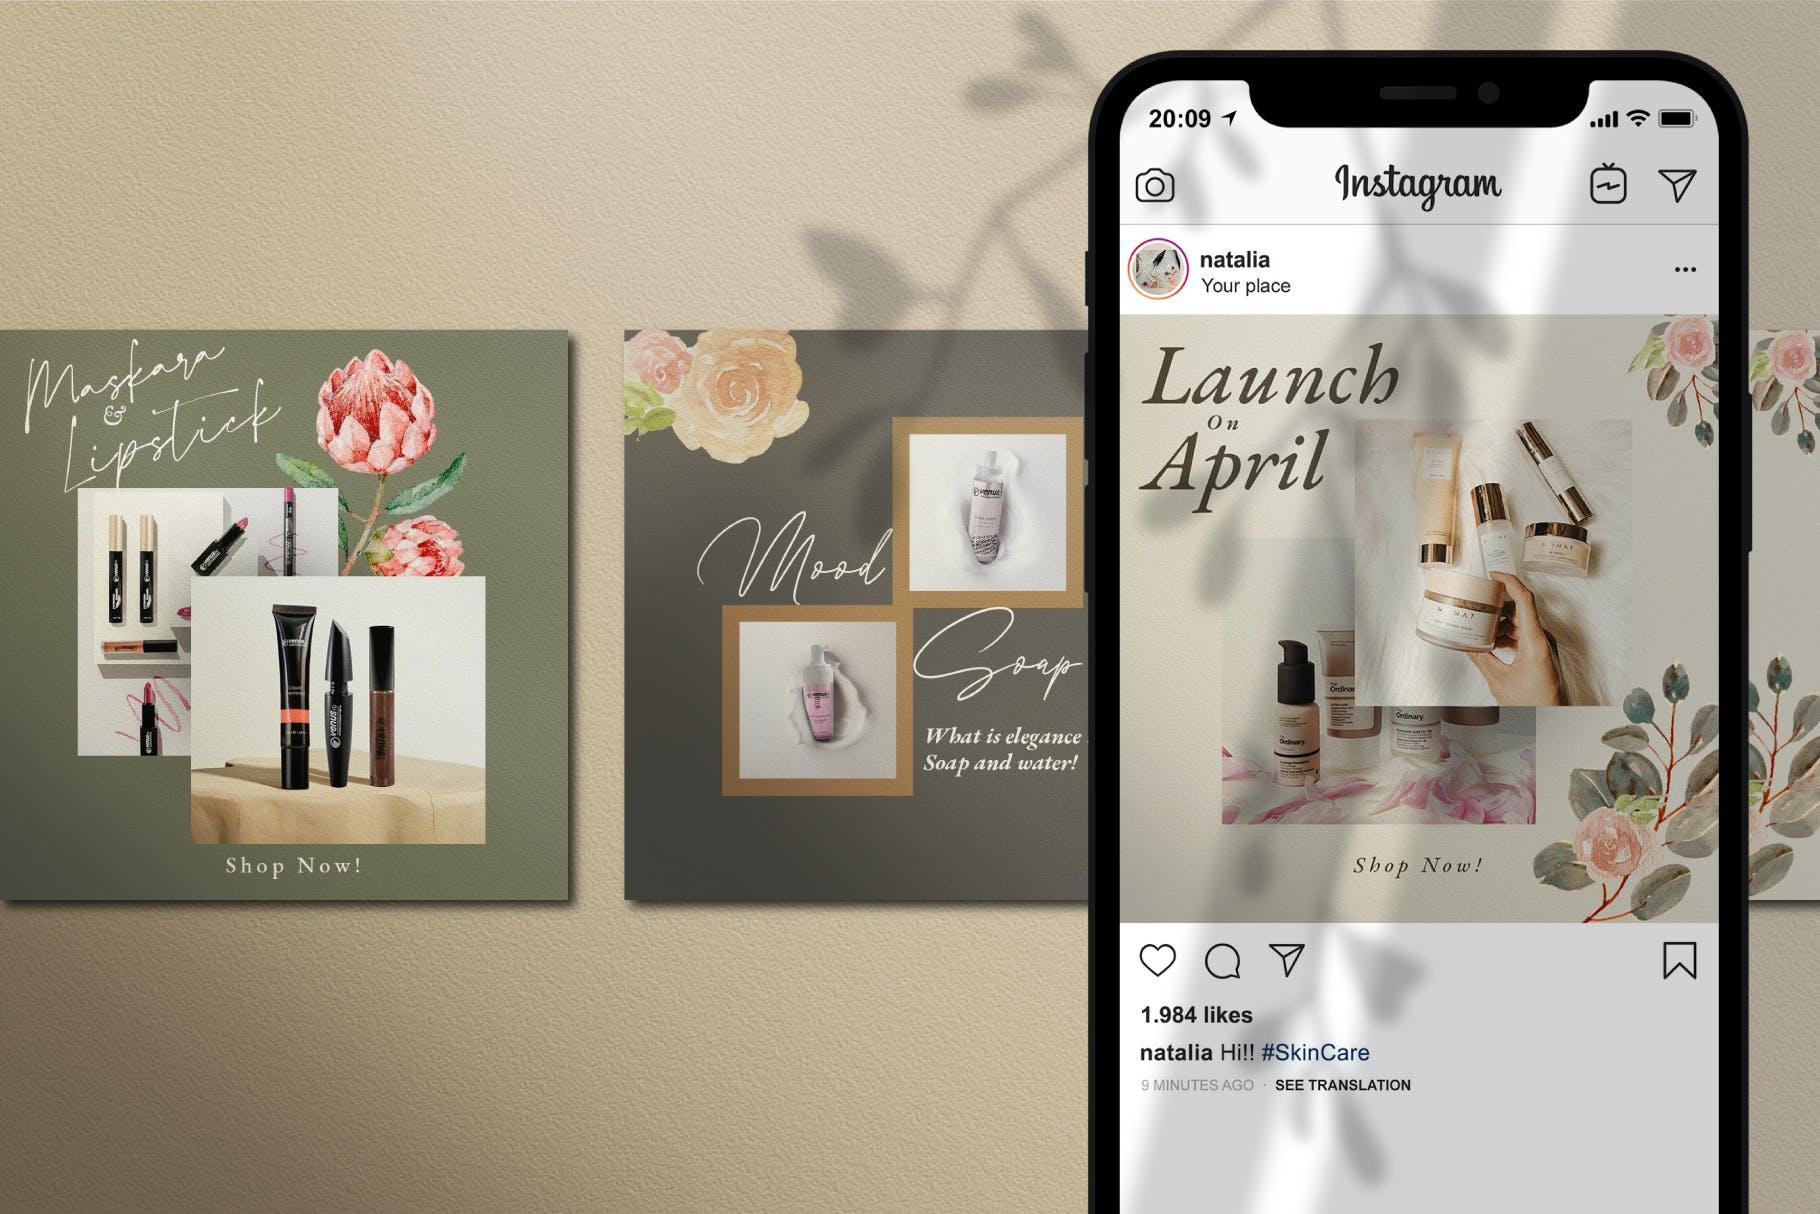 时尚化妆品品牌推广新媒体电商海报设计模板 Natalia – Instagram Post and Stories插图(2)